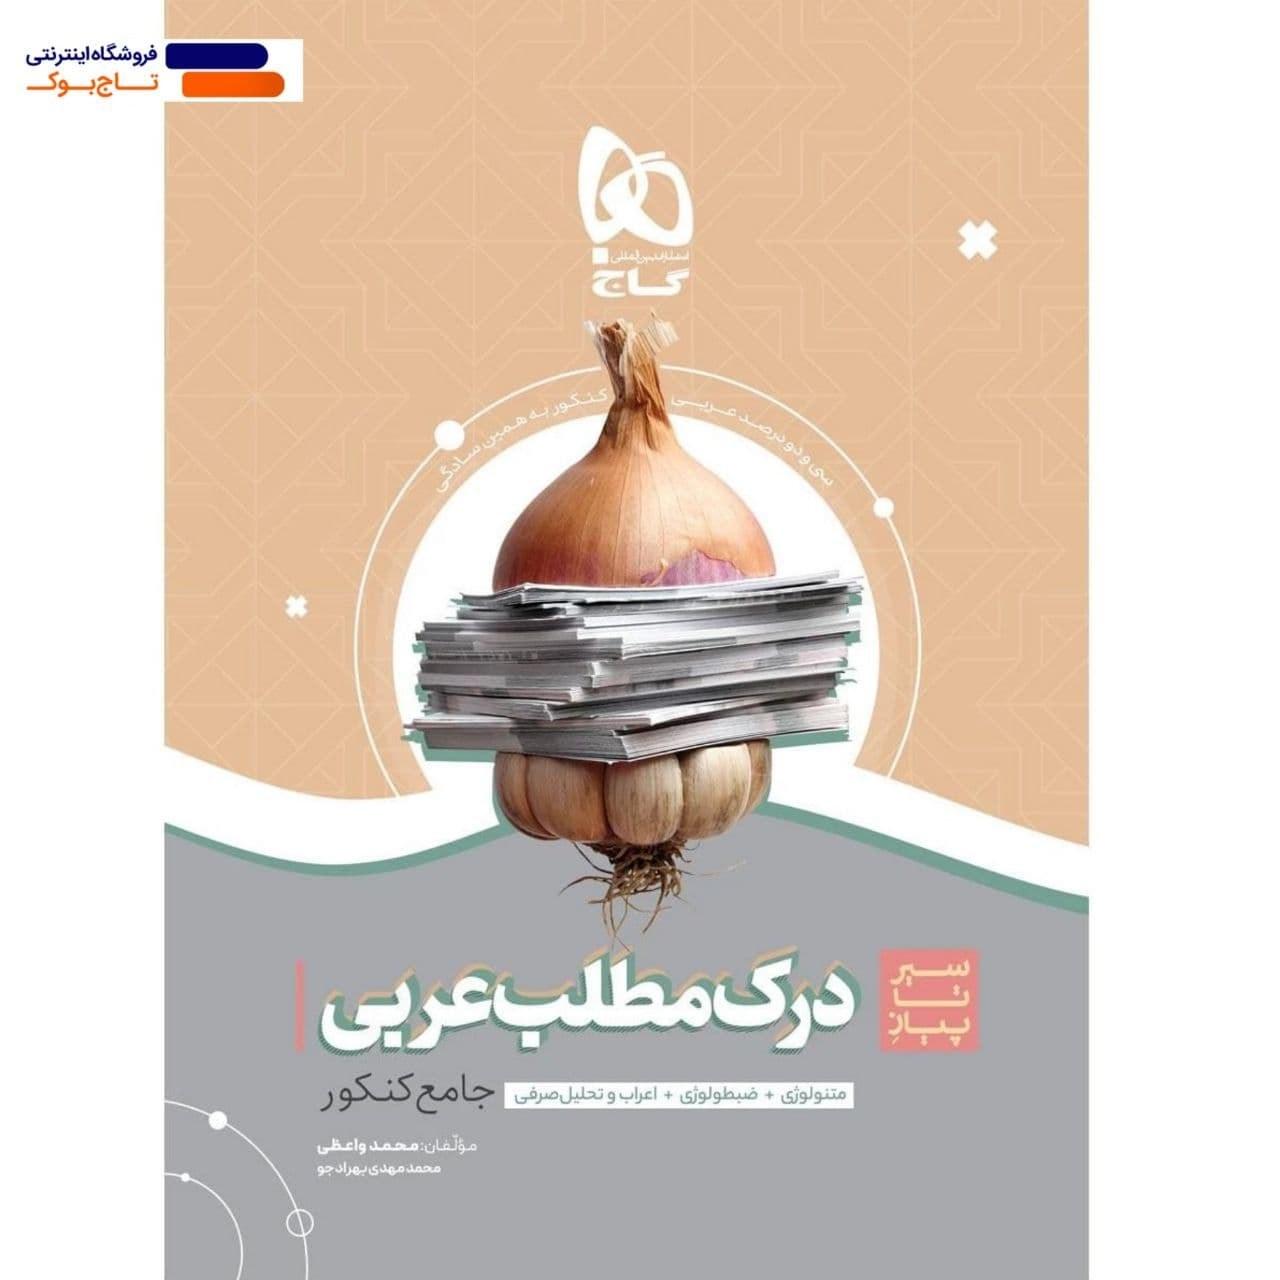 تصویر سیر تا پیاز درک مطلب عربی گاج